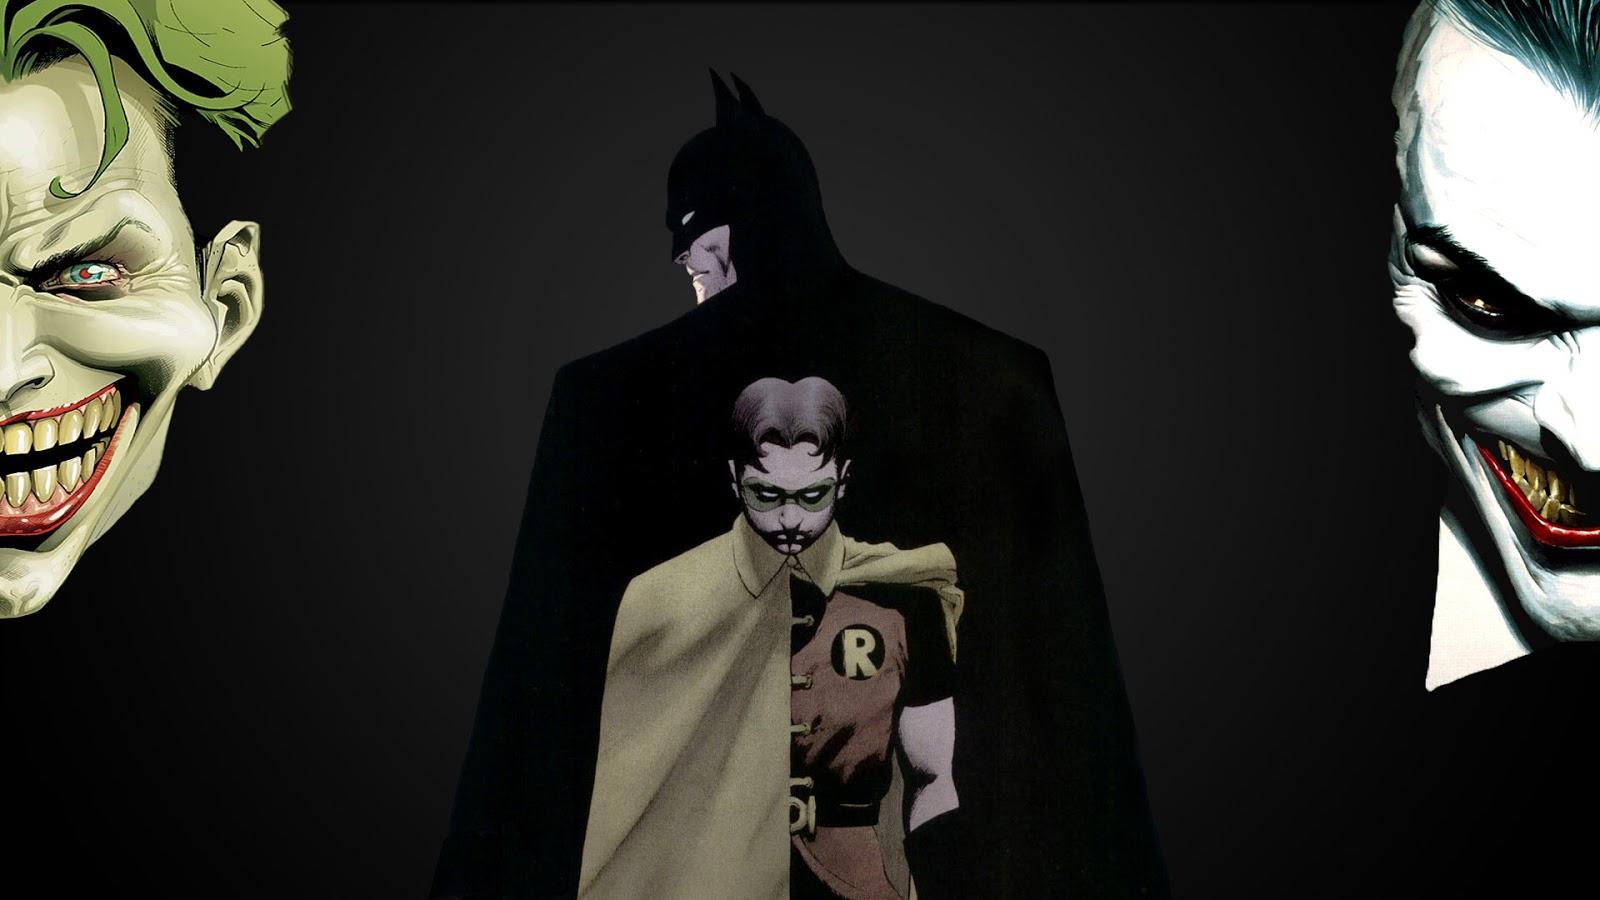 http://2.bp.blogspot.com/-uas5pkQhxTg/UJMa9U565OI/AAAAAAAAAao/UbNrtbaOi5U/s1600/batman-robin-joker-By_Eric.jpg